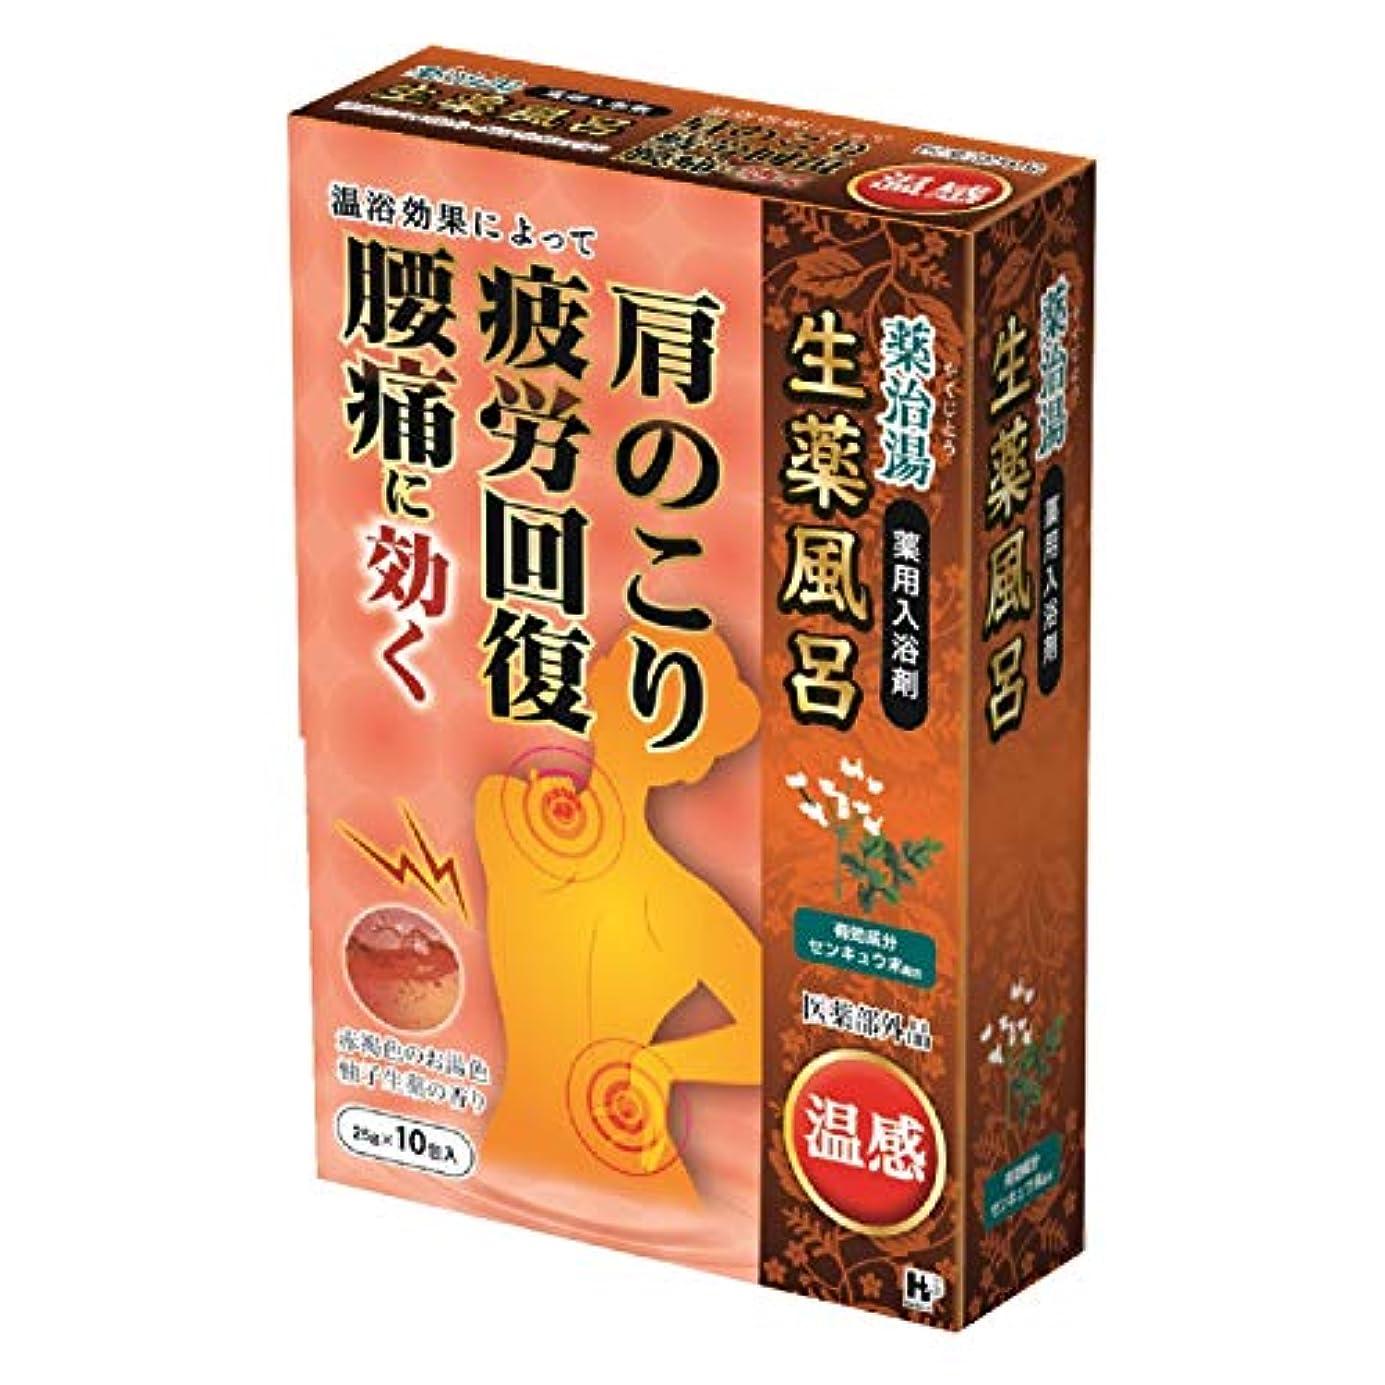 一般的な安定省薬治湯 温感 柚子生薬の香り 10包